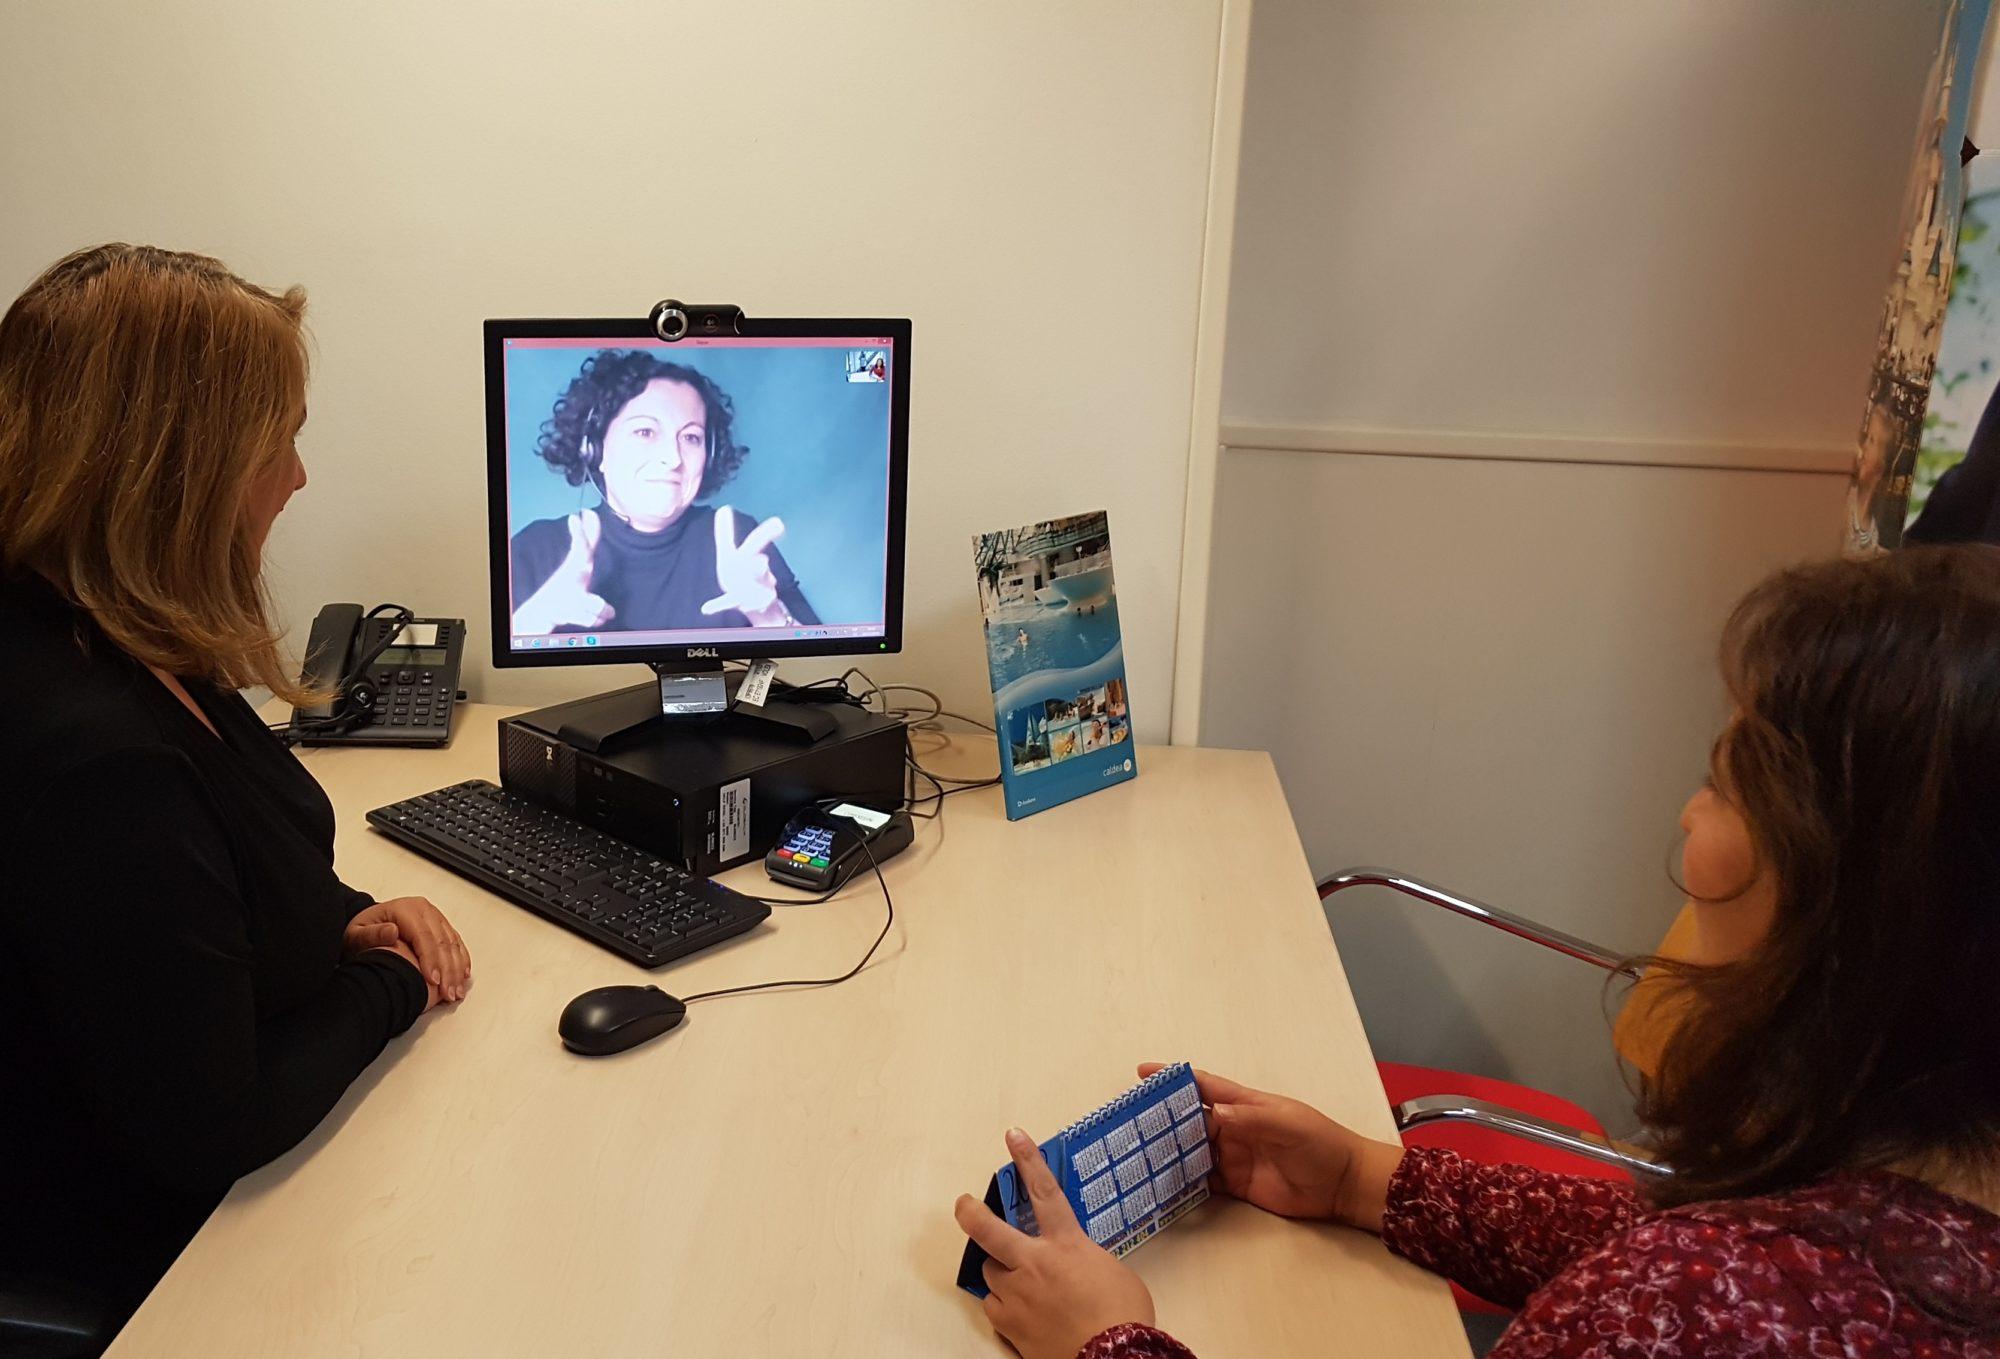 Halc n viajes accesible para personas sordas noticias nacer sordo - Oficinas viajes halcon ...